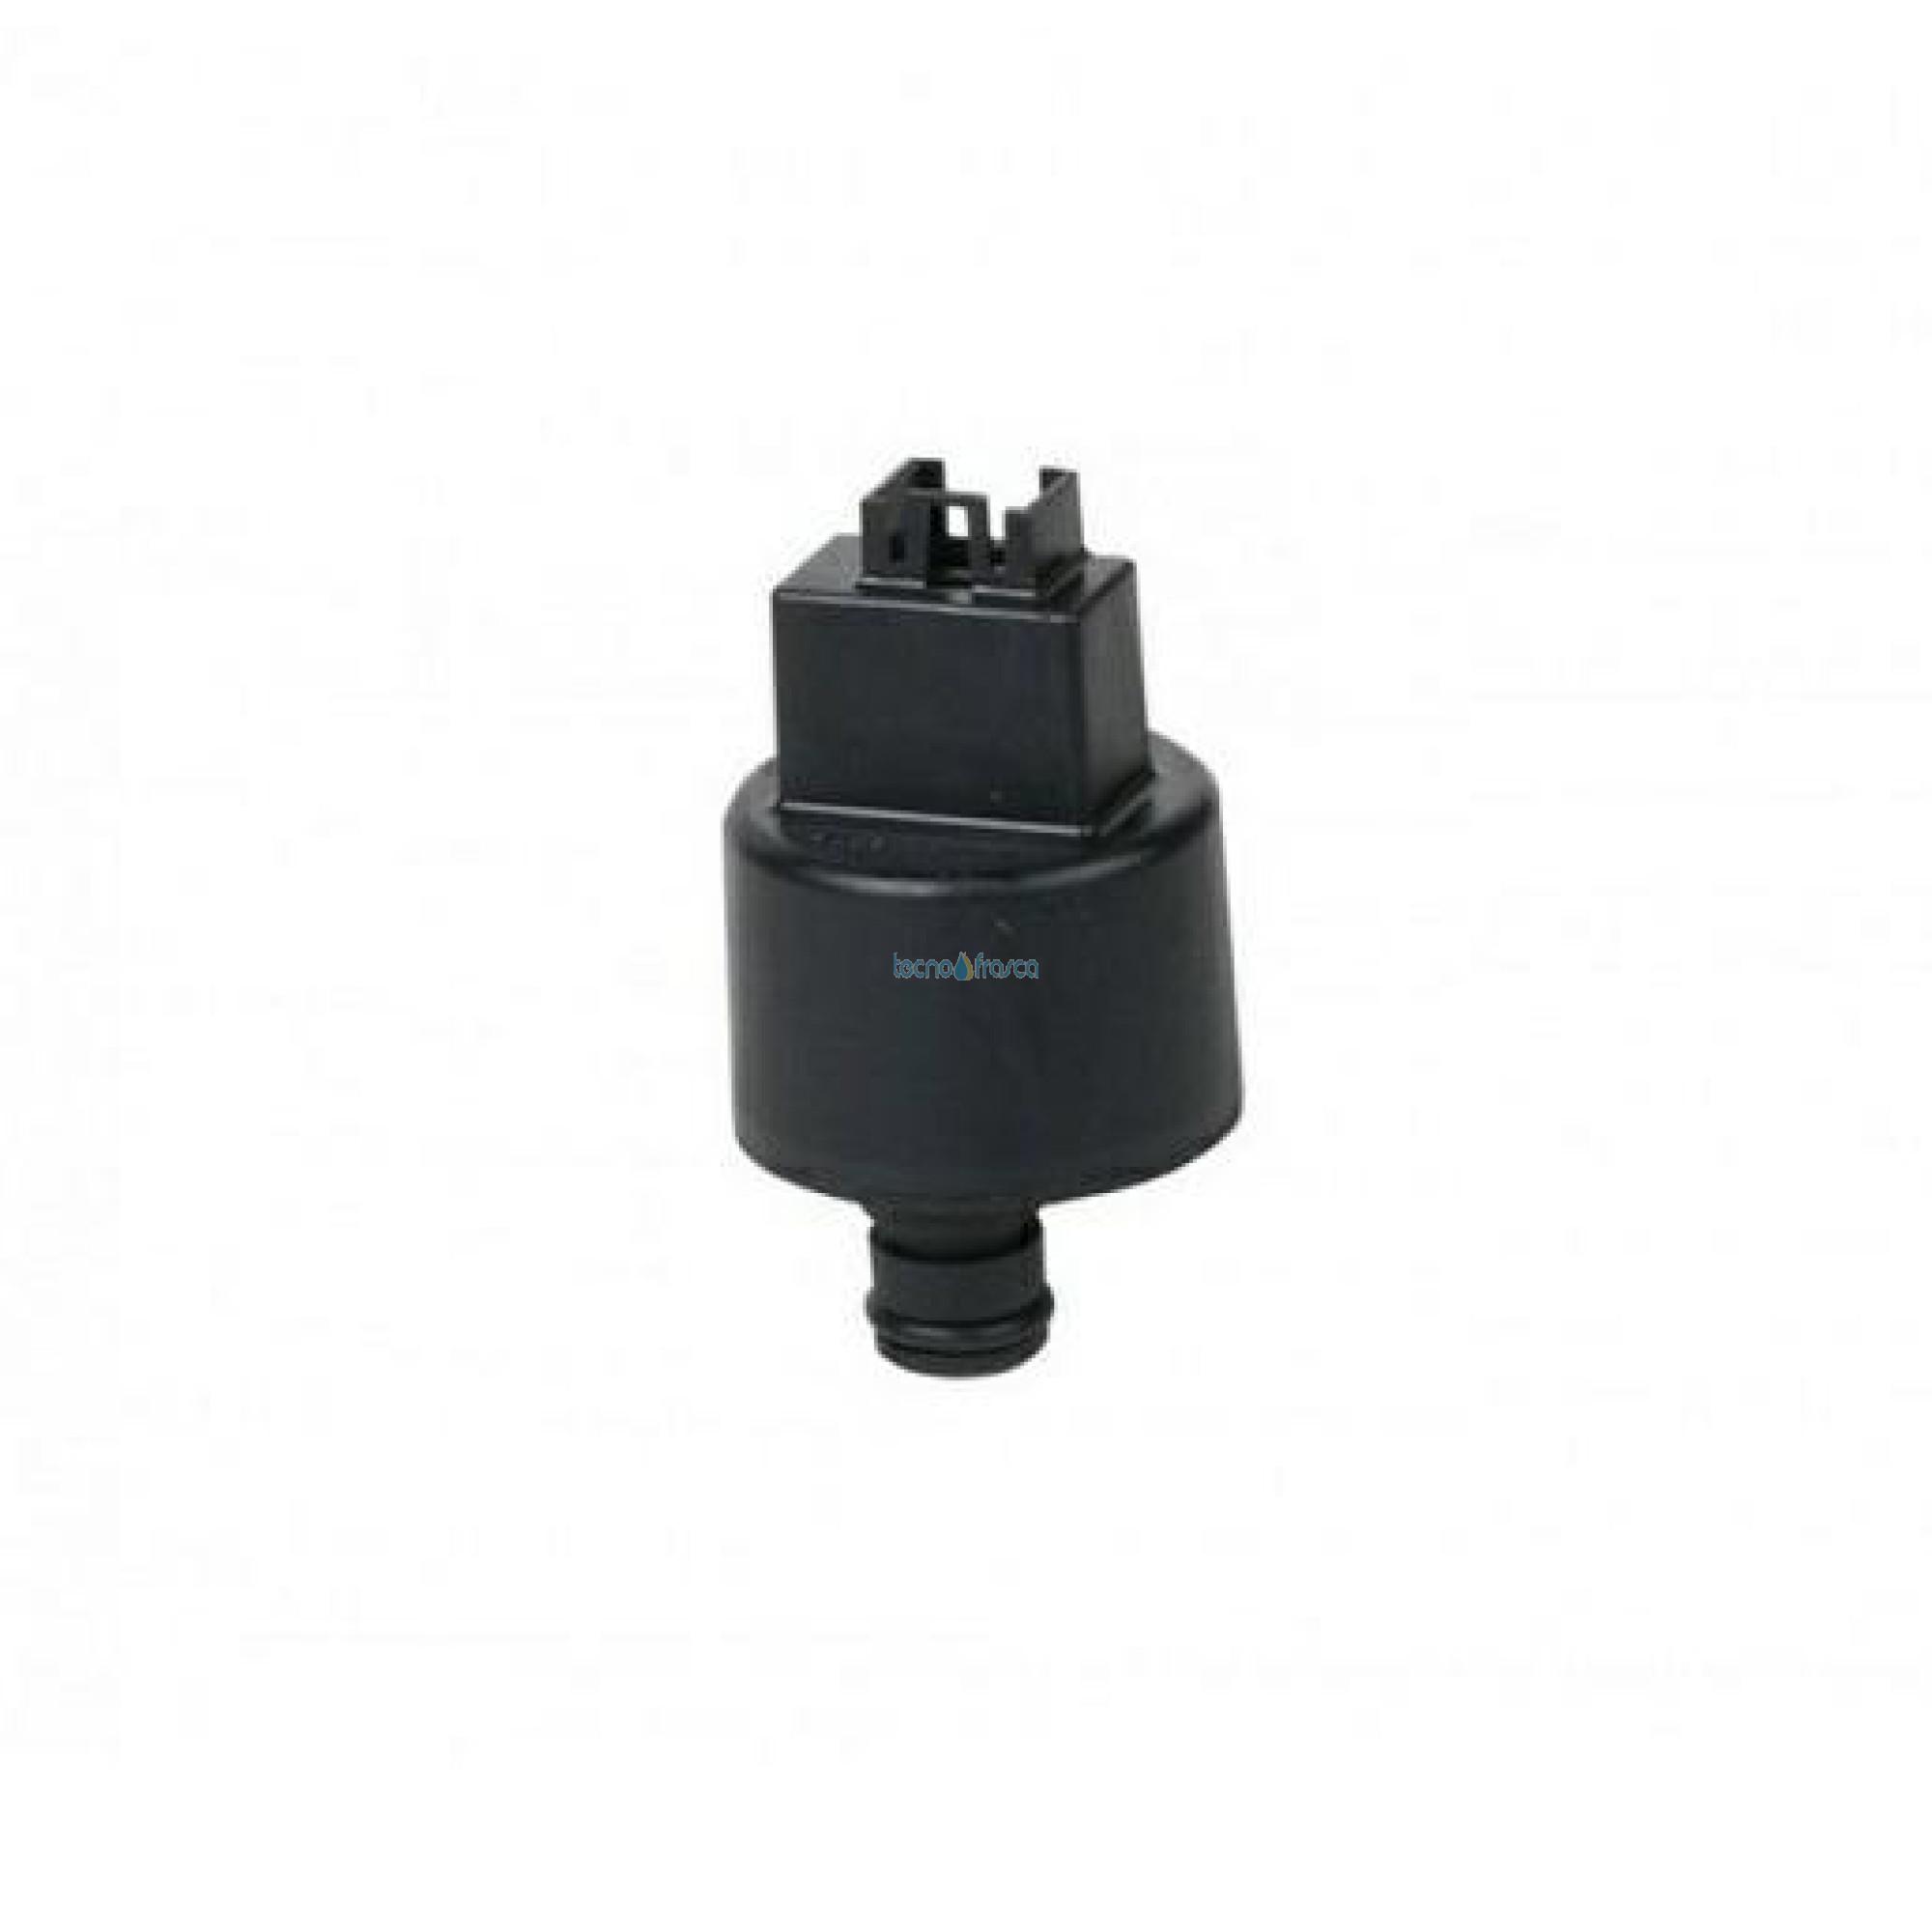 Sylber trasduttore di pressione area 30 king 50 r10028142